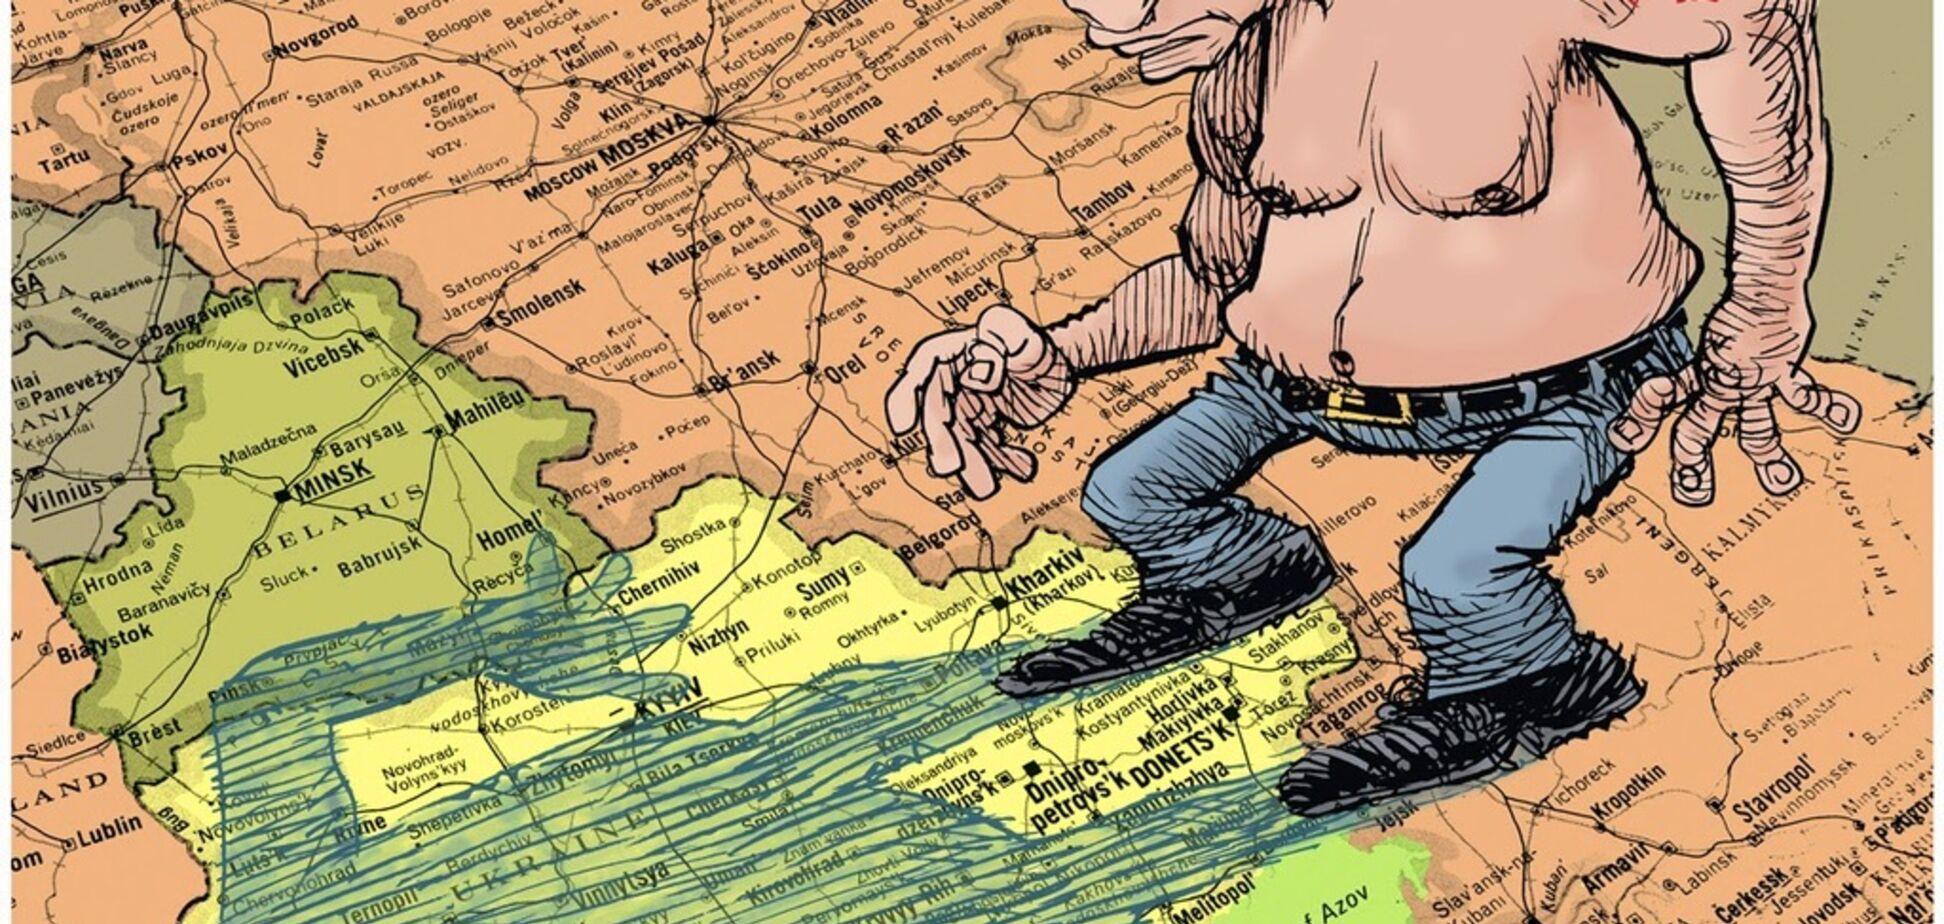 Вызов цивилизации: история совершает свой очередной поворот